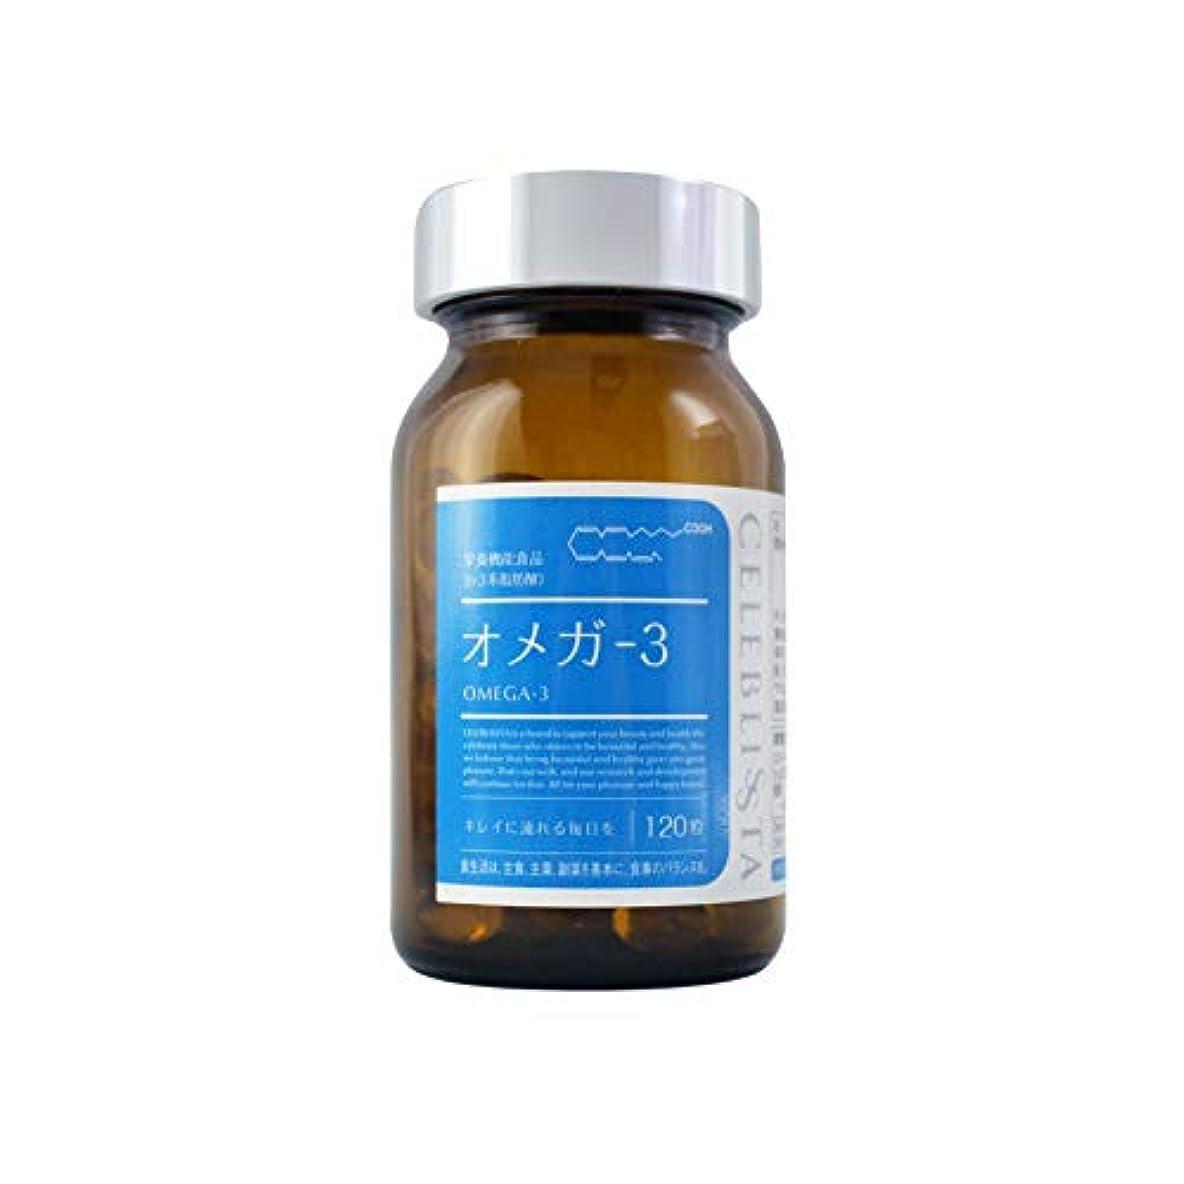 不確実金銭的マイクロフォンCELEBLISSTA ( セレブリスタ ) サプリメント オメガ-3 [ 基礎サプリ フィッシュオイル / 30日分 120粒 ] DPA DHA EPA ( 日本製 )